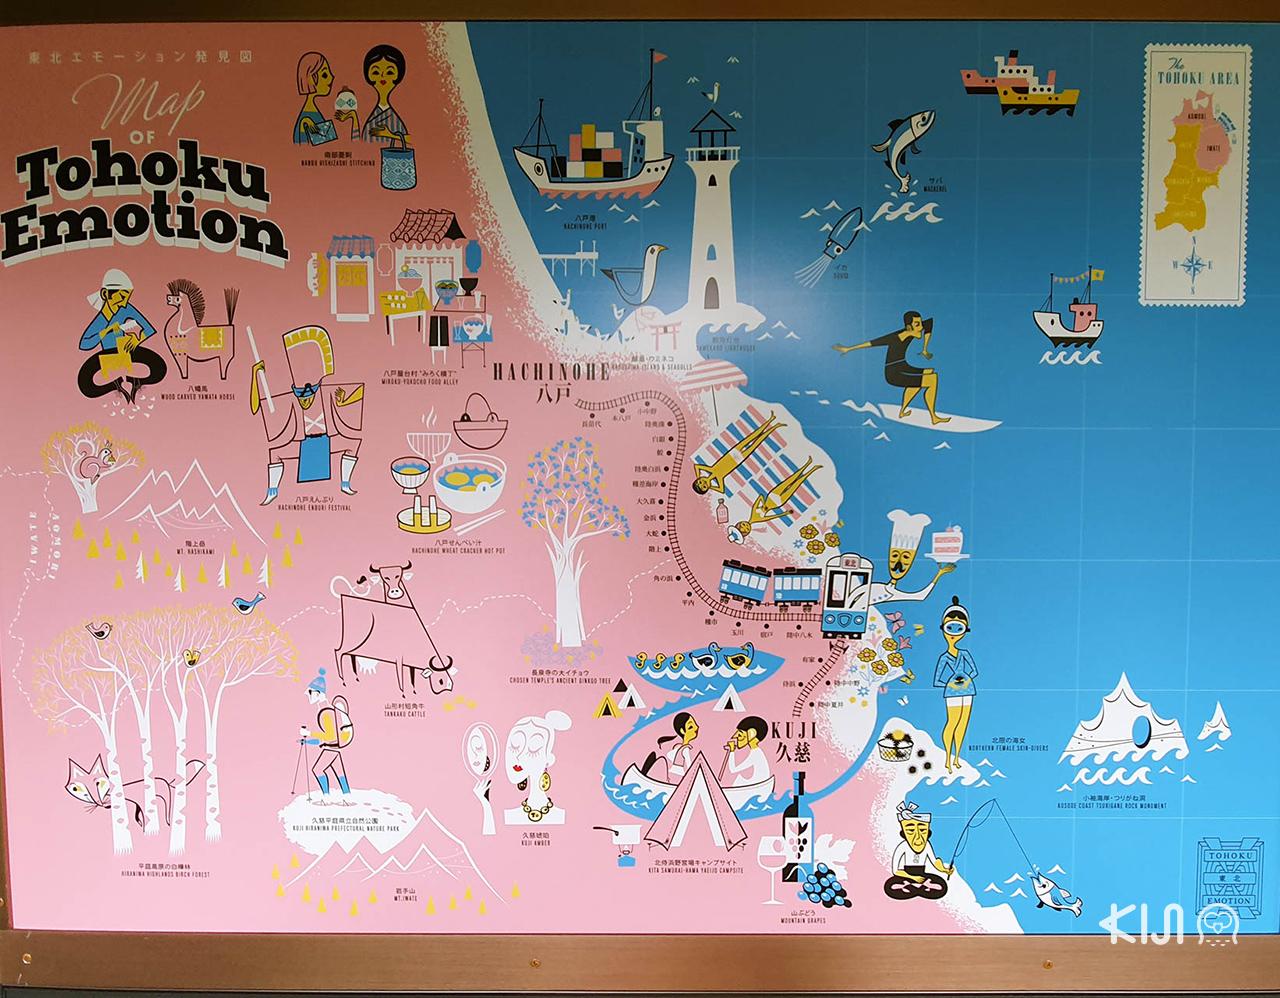 เส้นทางการเดินขบวนของ TOHOKU EMOTION